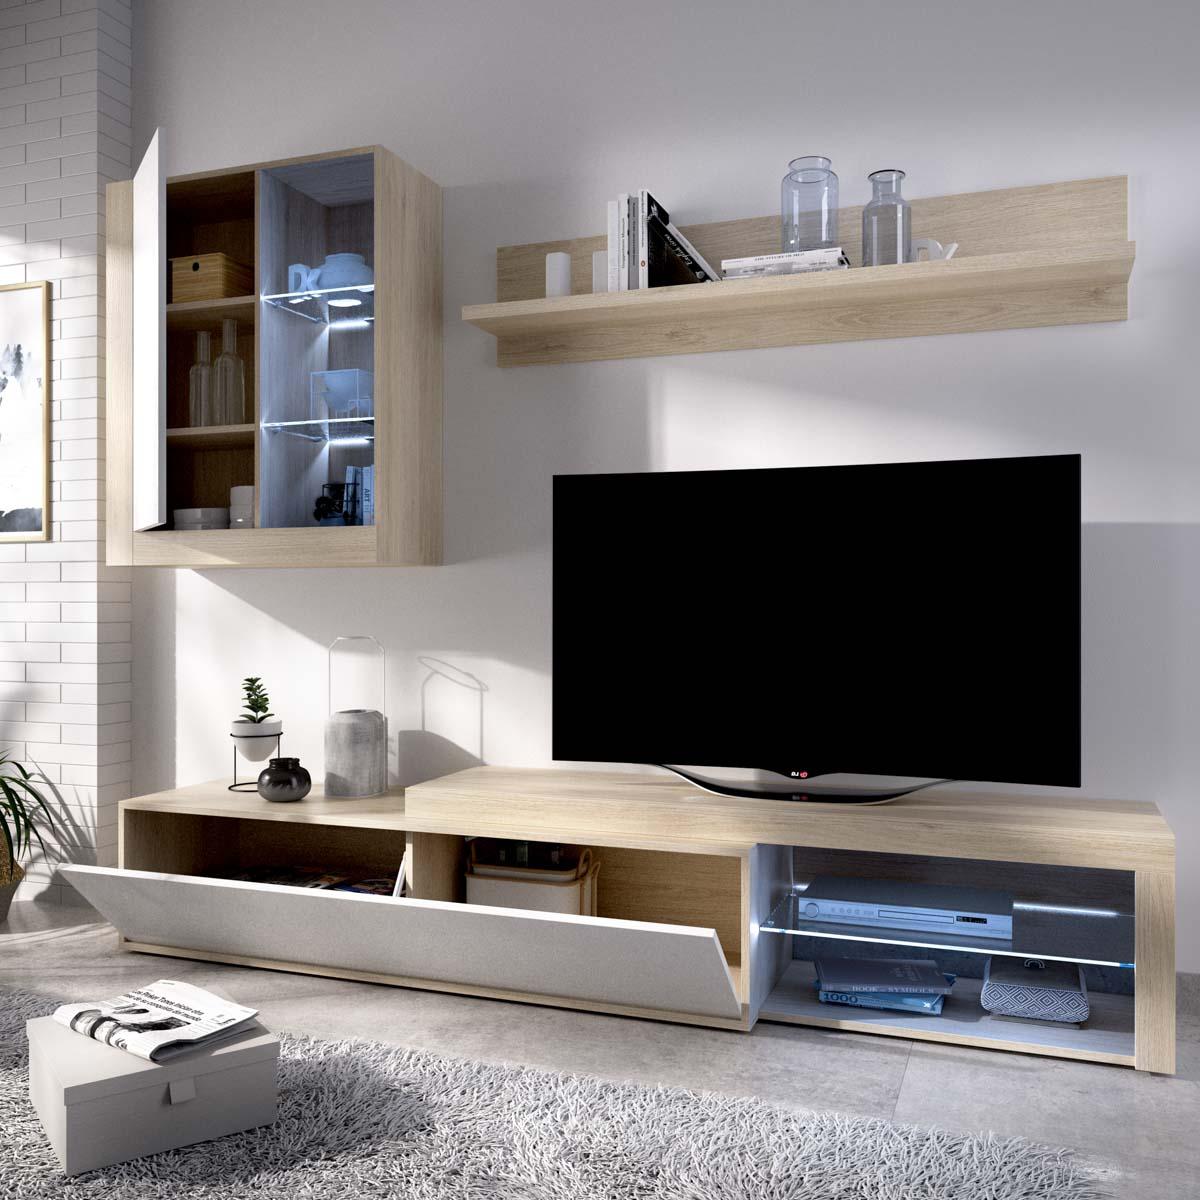 salon tv con leds con puertas y estante a pared 4